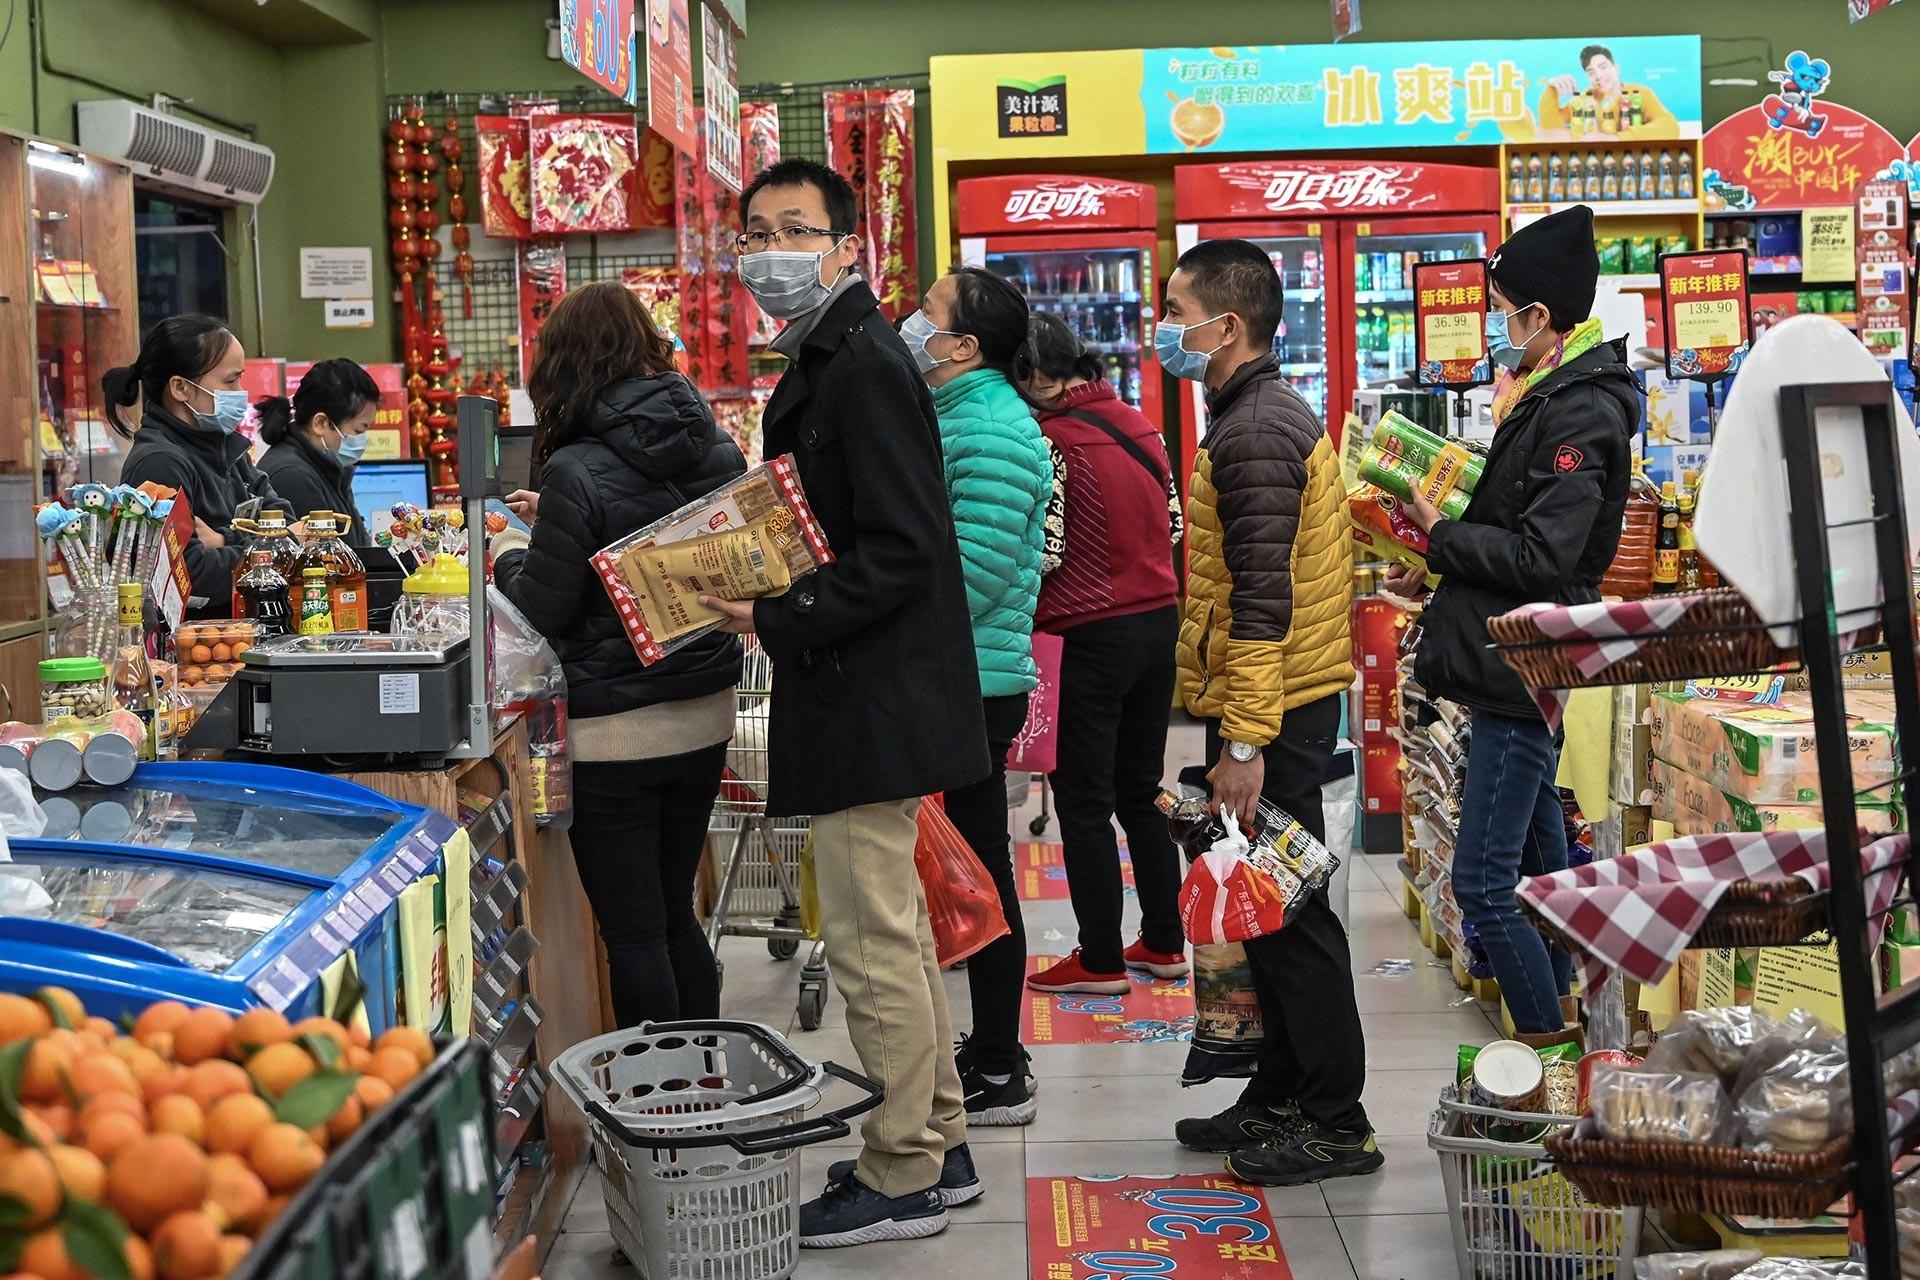 Çin'de ağızlarında maske ile market alışverişi yapan vatandaşlar